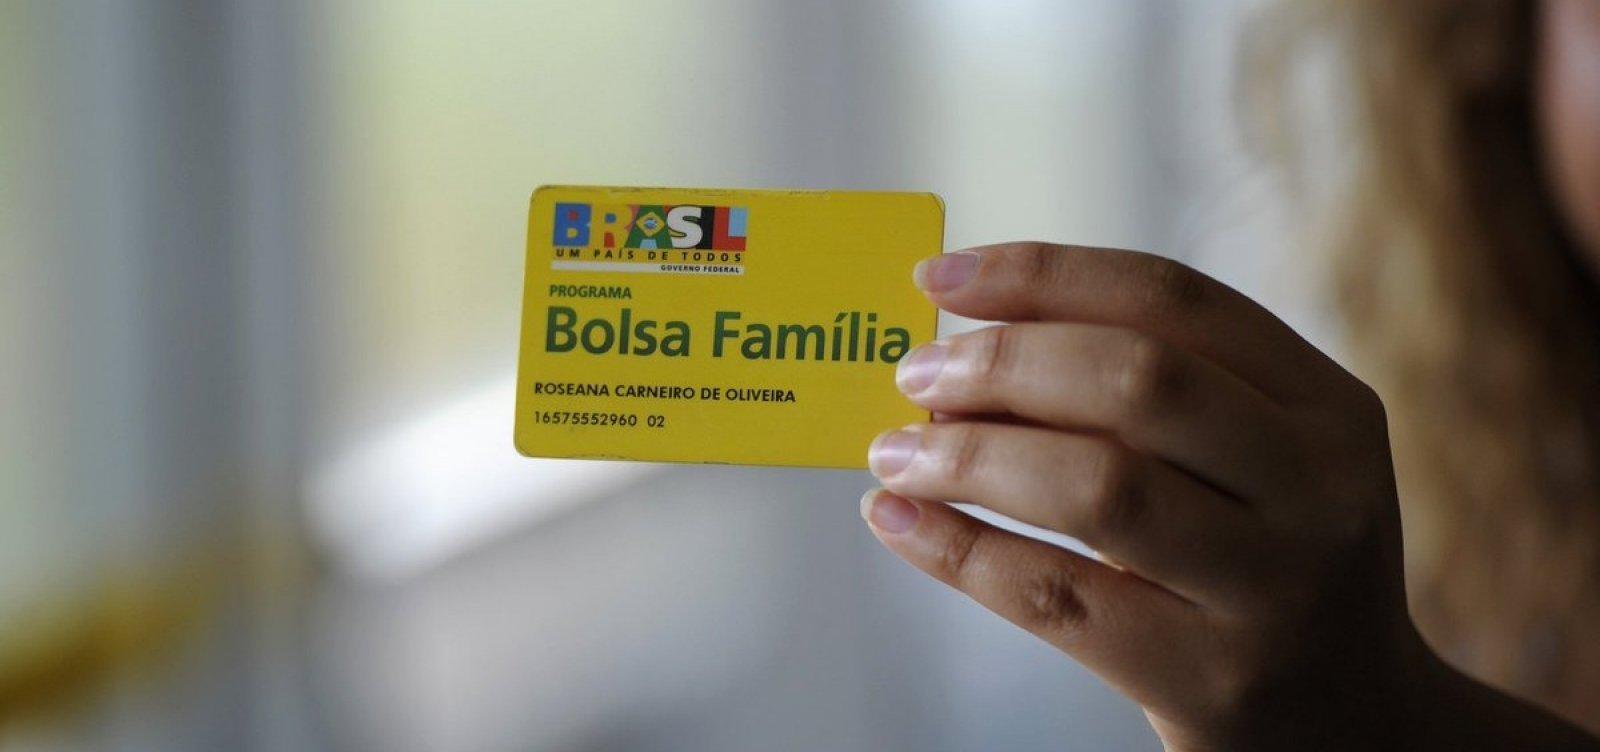 Ao justificar 13º do Bolsa Família, Bolsonaro cita caso de fraude descoberta no governo Lula